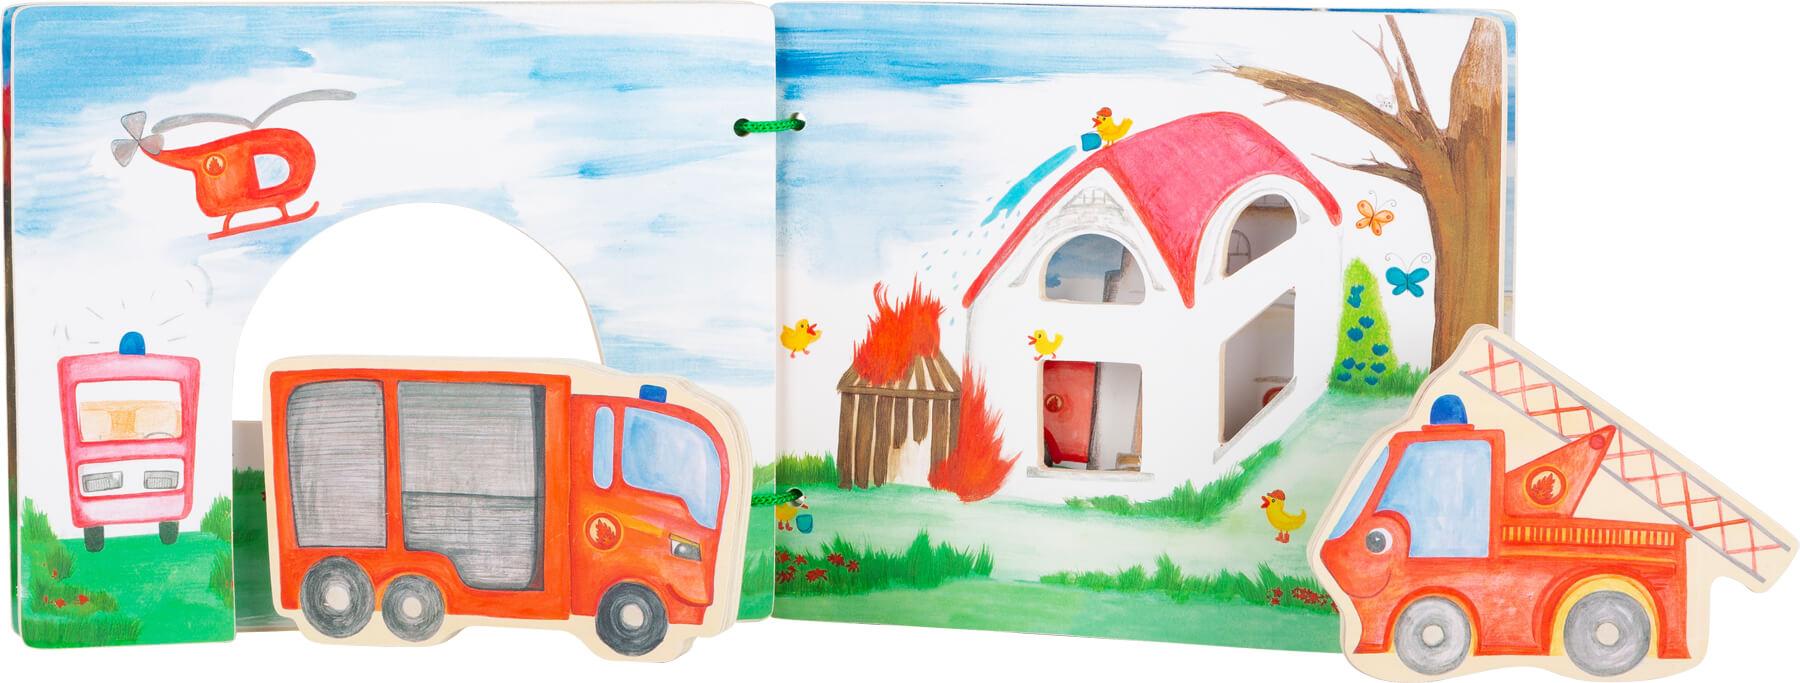 Legler 12040 Holzbilderbuch Feuerwehr